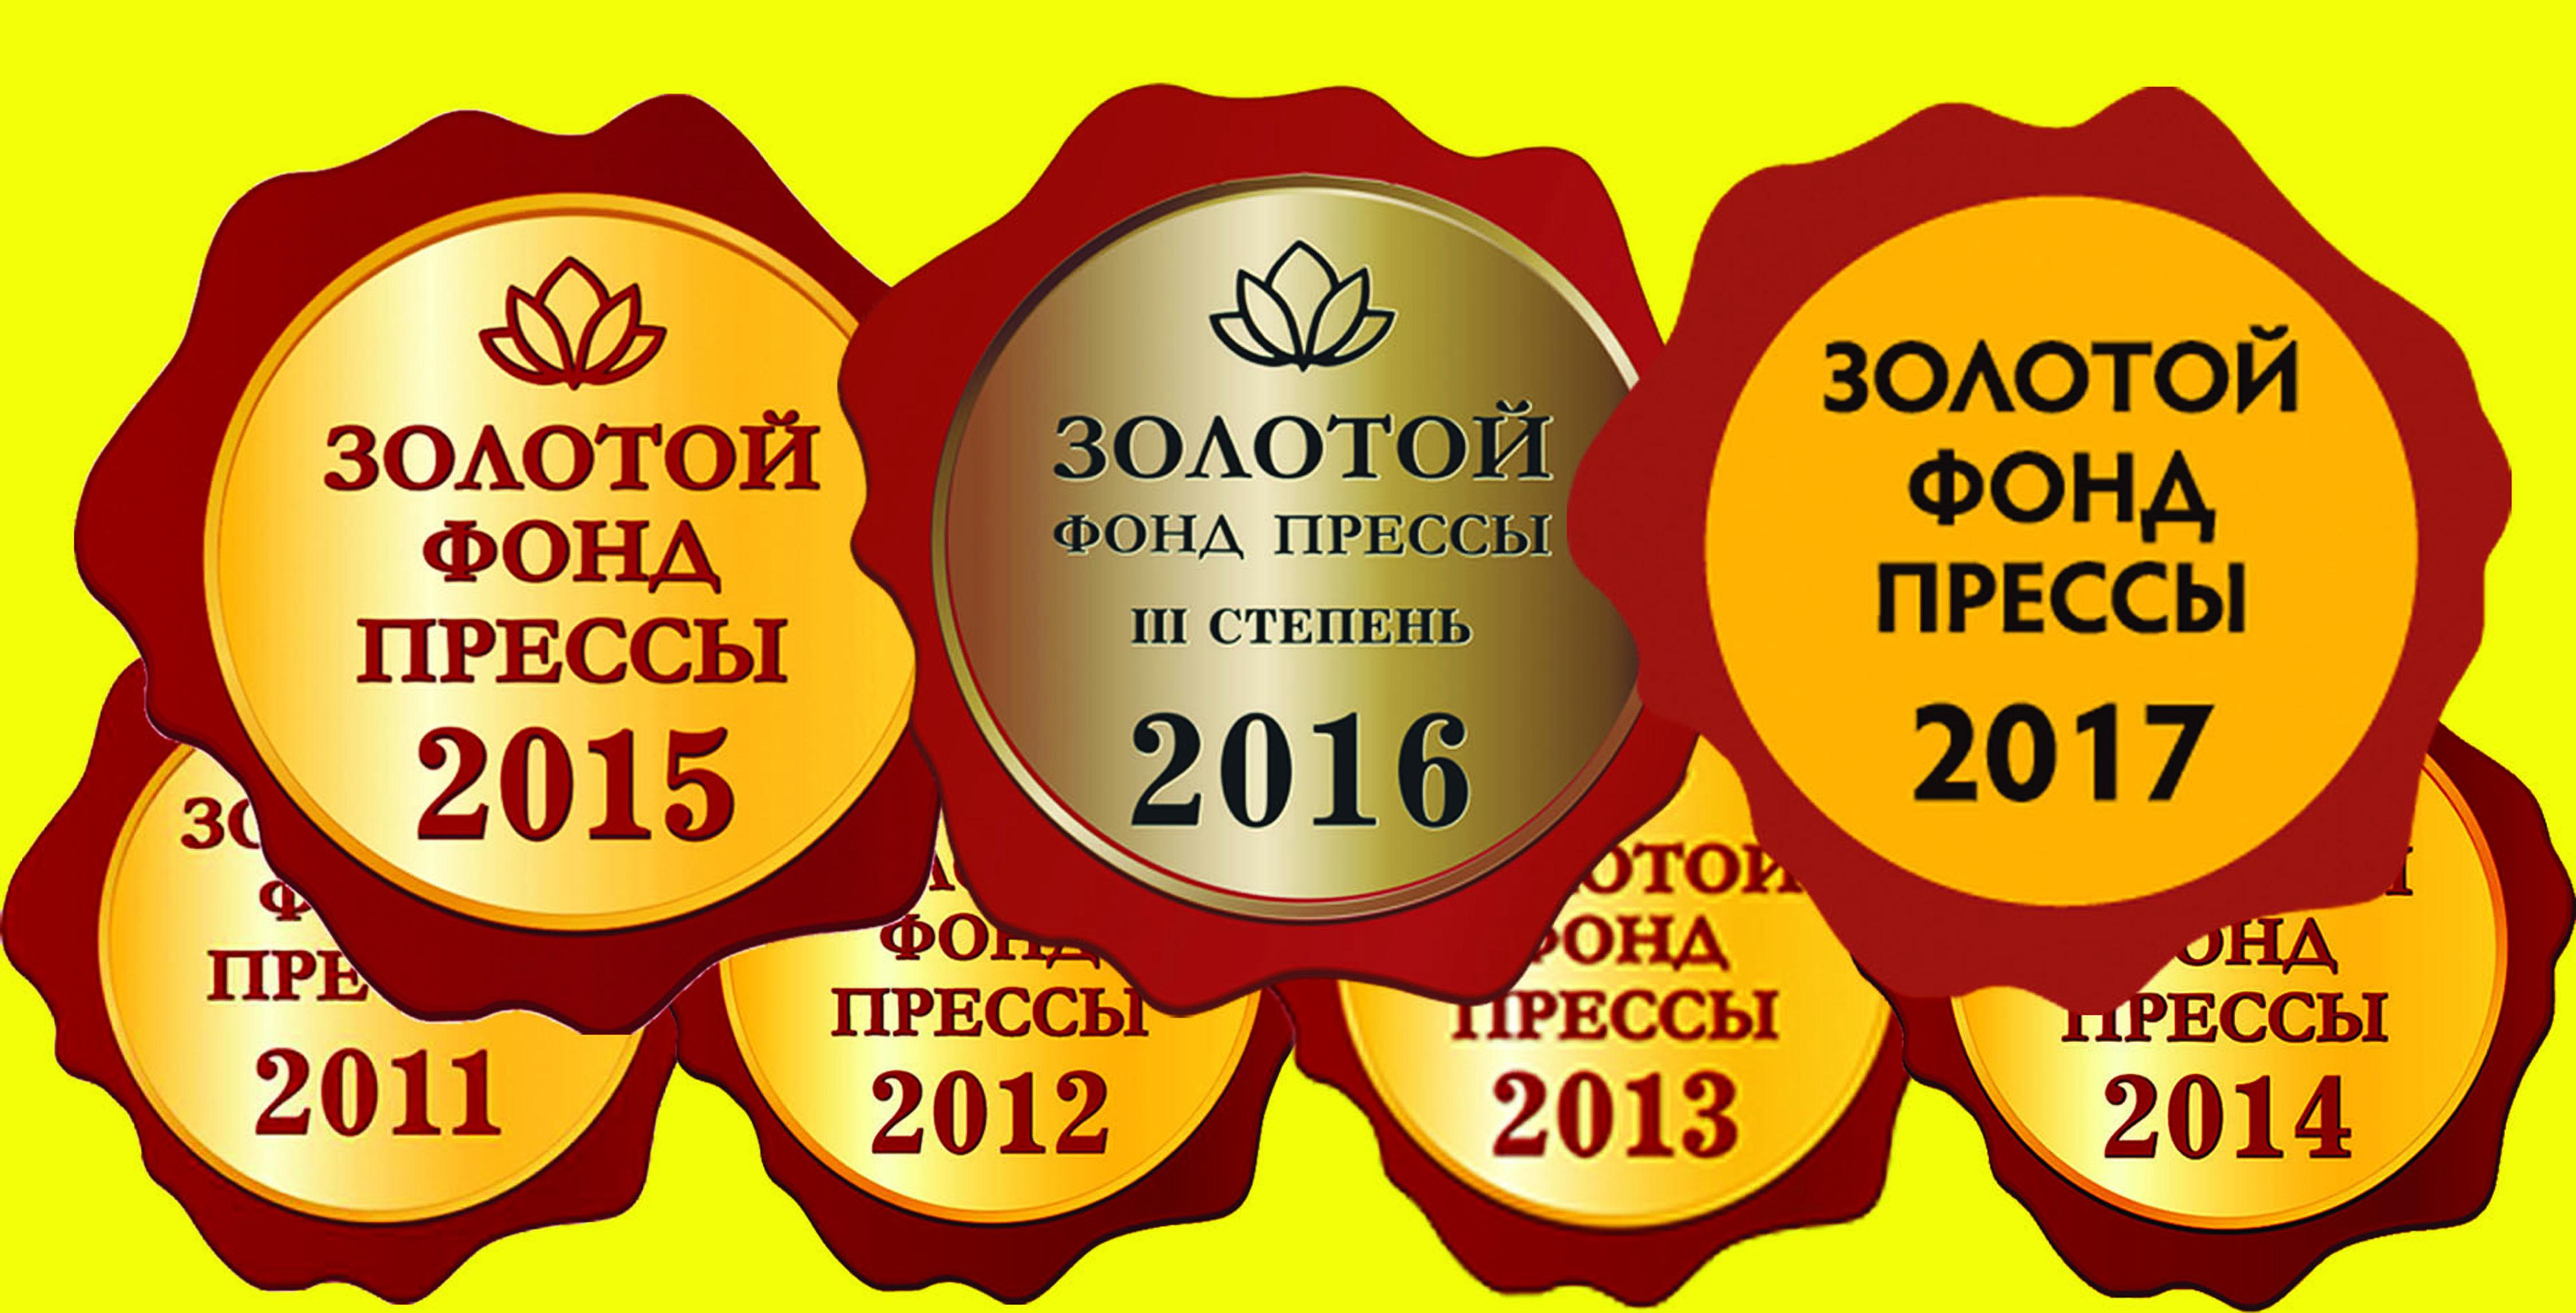 Золотой фонд прессы